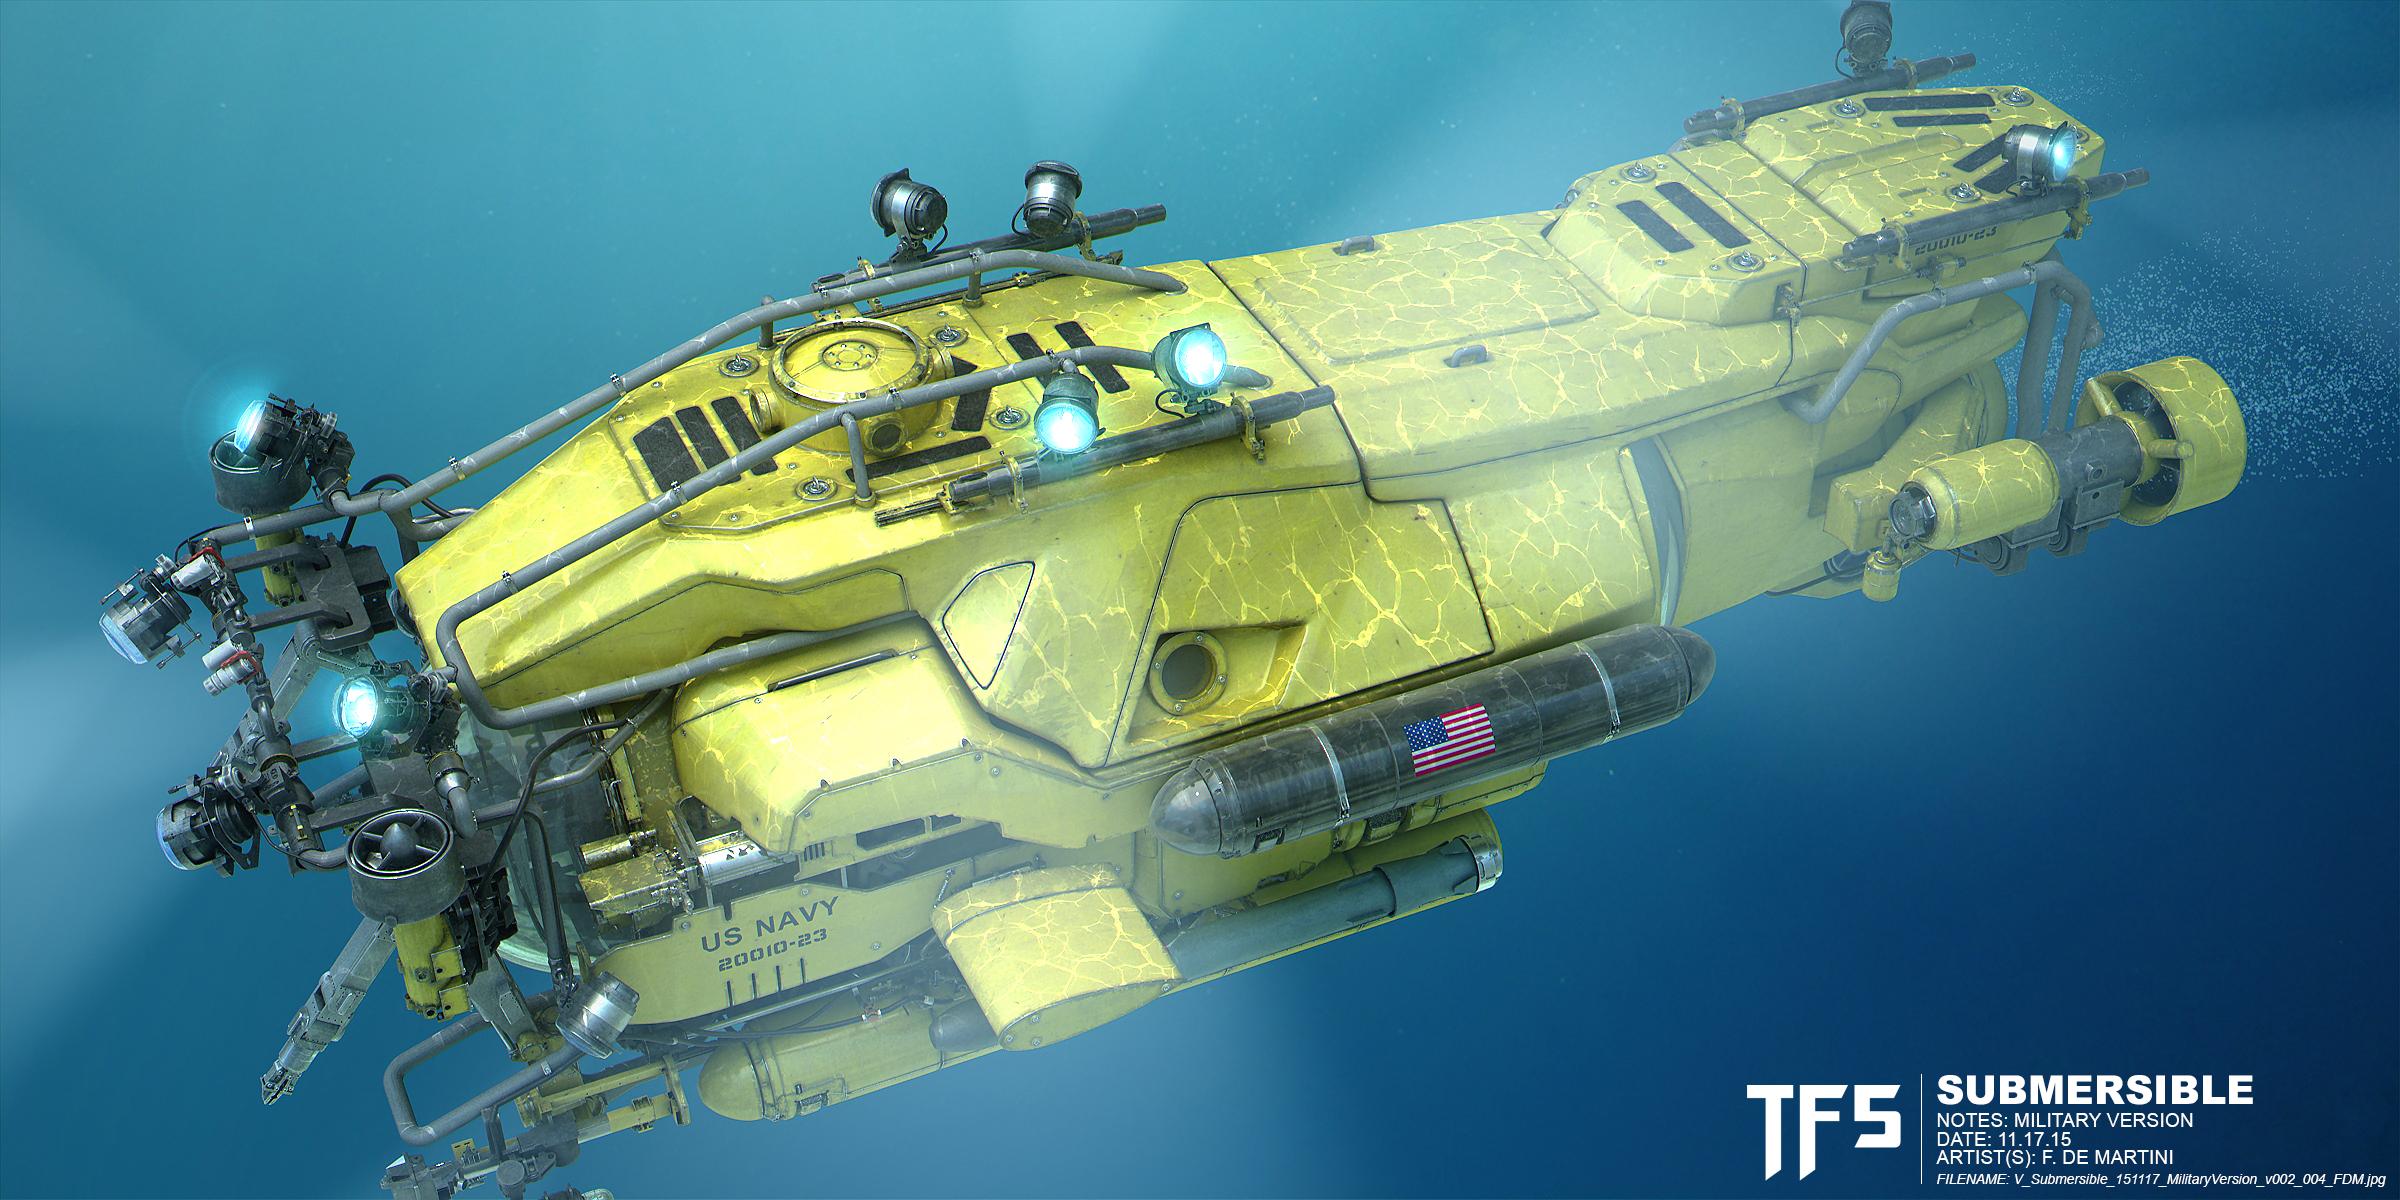 V_Submersible_151117_MilitaryVersion_v002_004_FDM.jpg